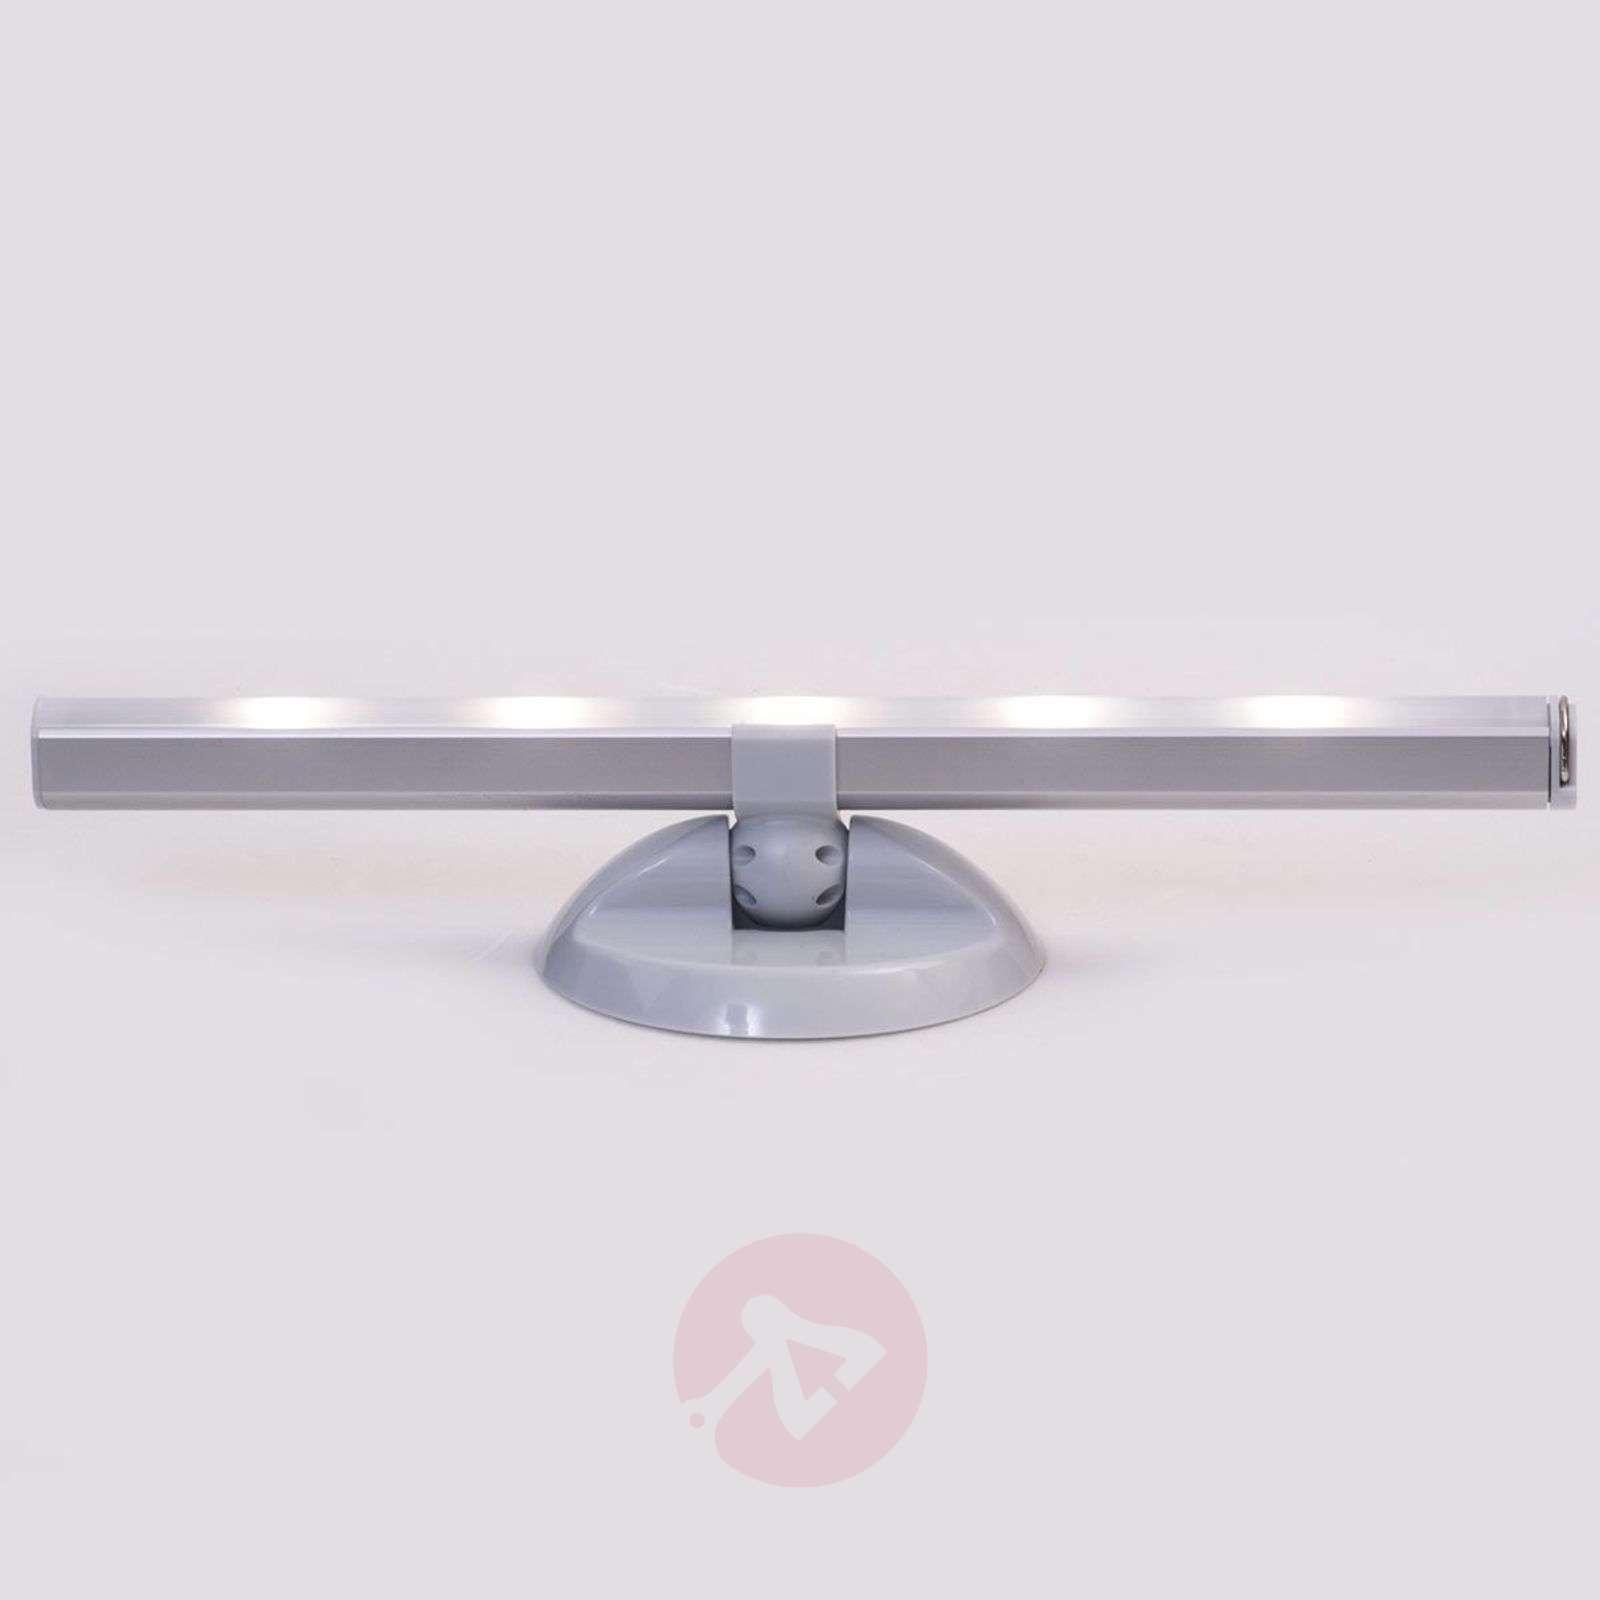 Paristokäyttöinen LED-Lightstick himmentimellä-8559267-01